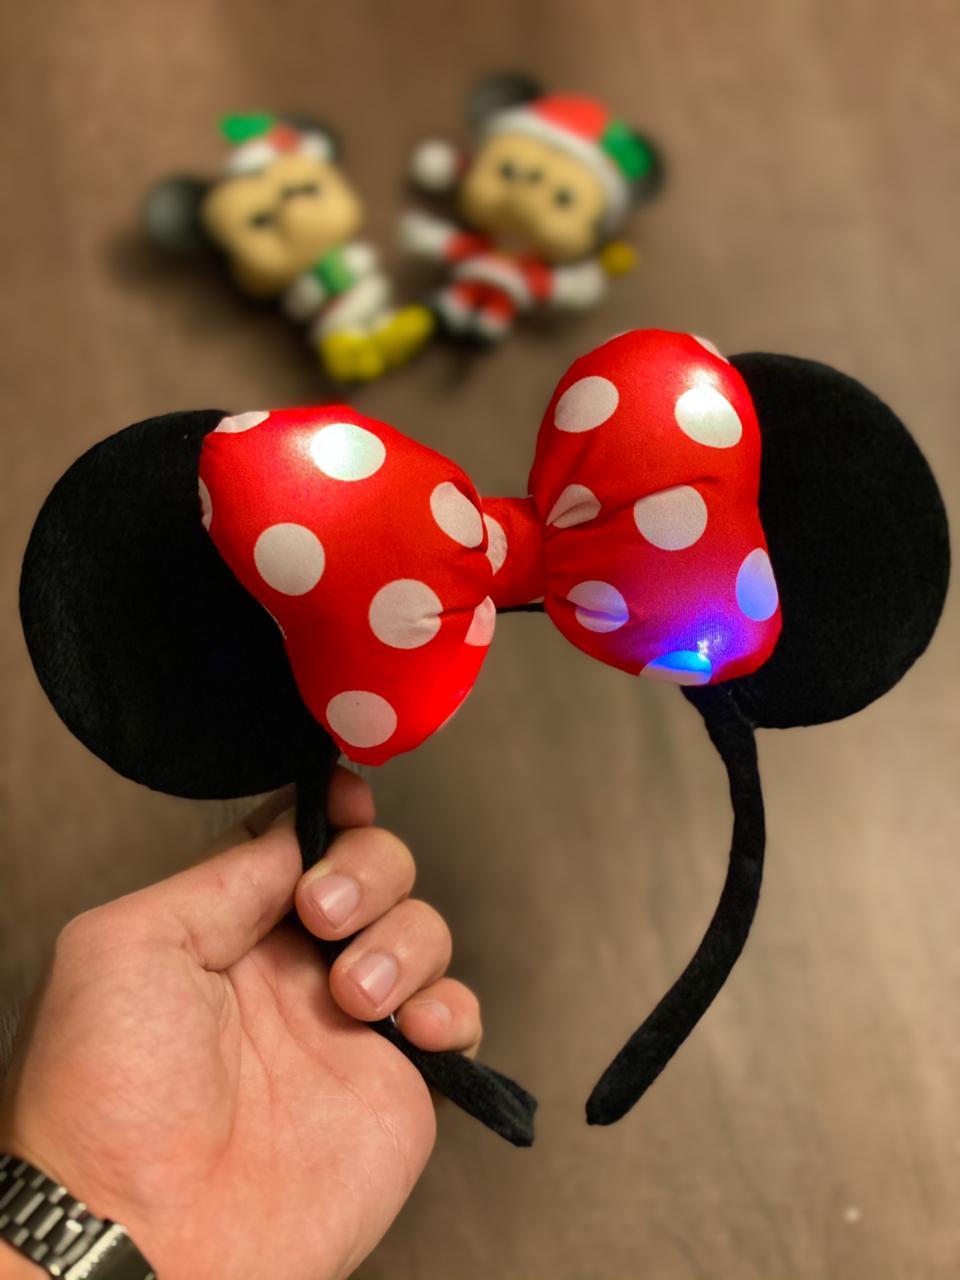 Tiara Orelhas Minnie Mouse: Disney